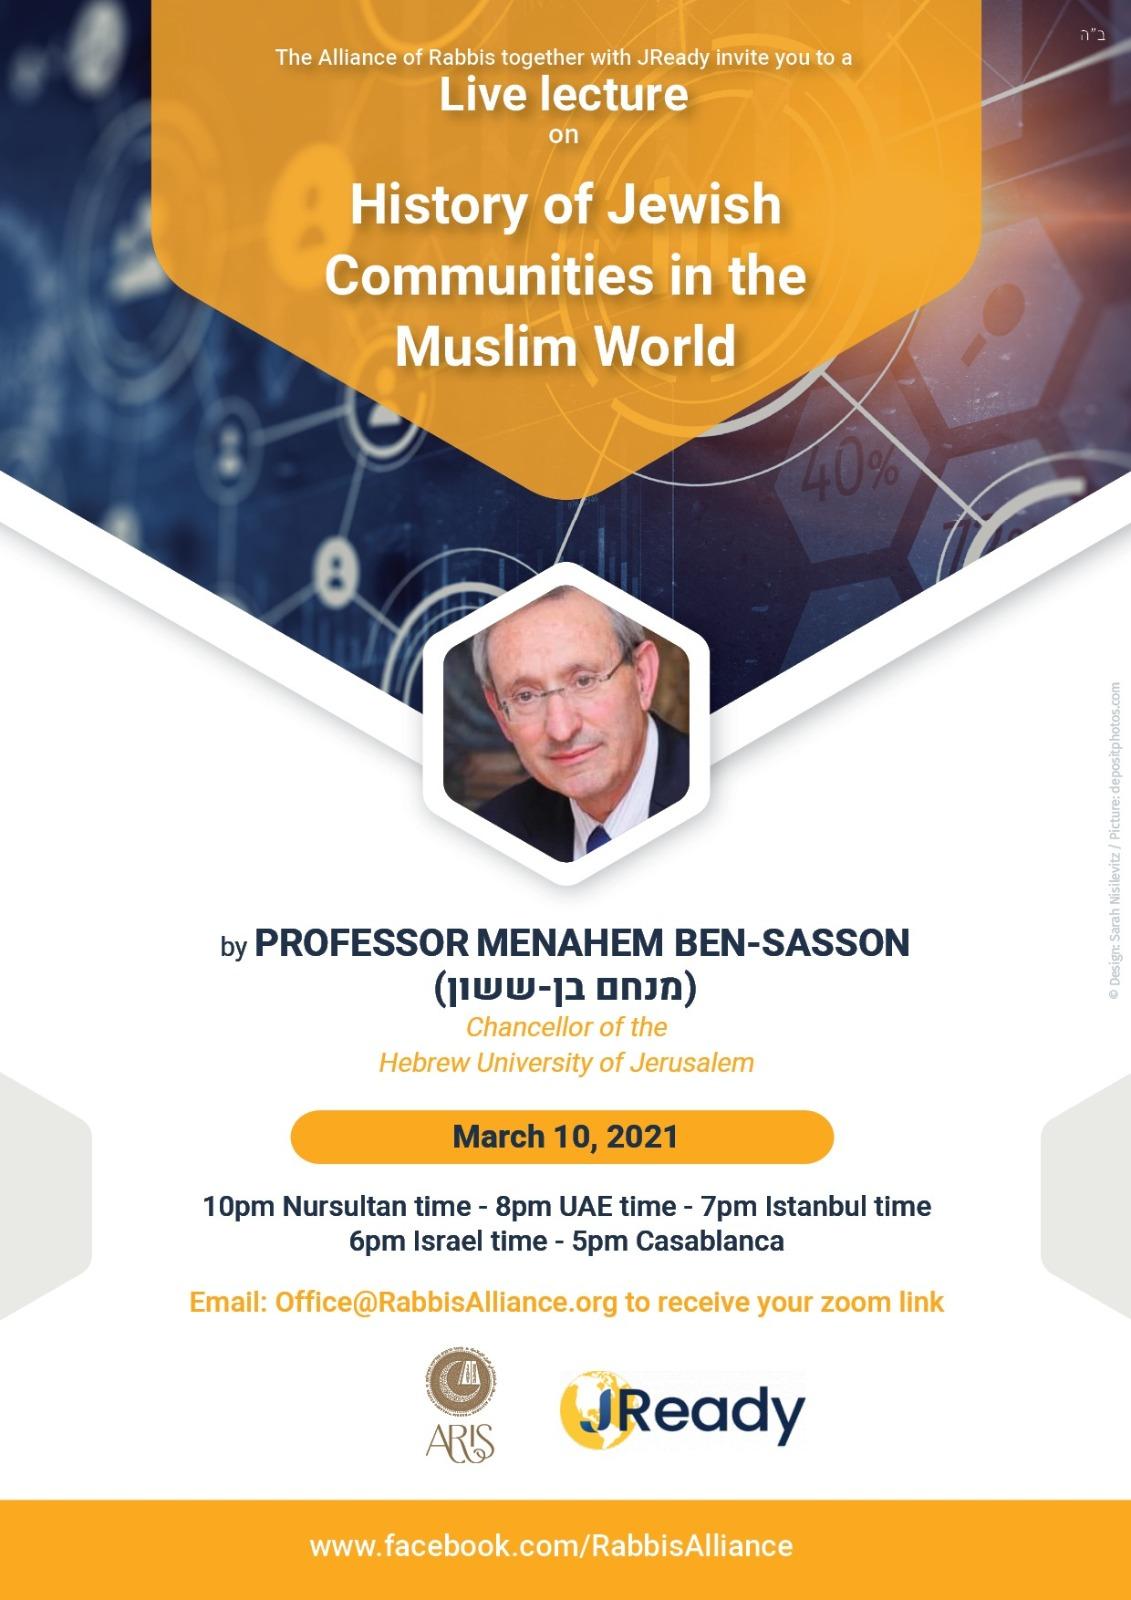 invitation Rabbies alliance invitation